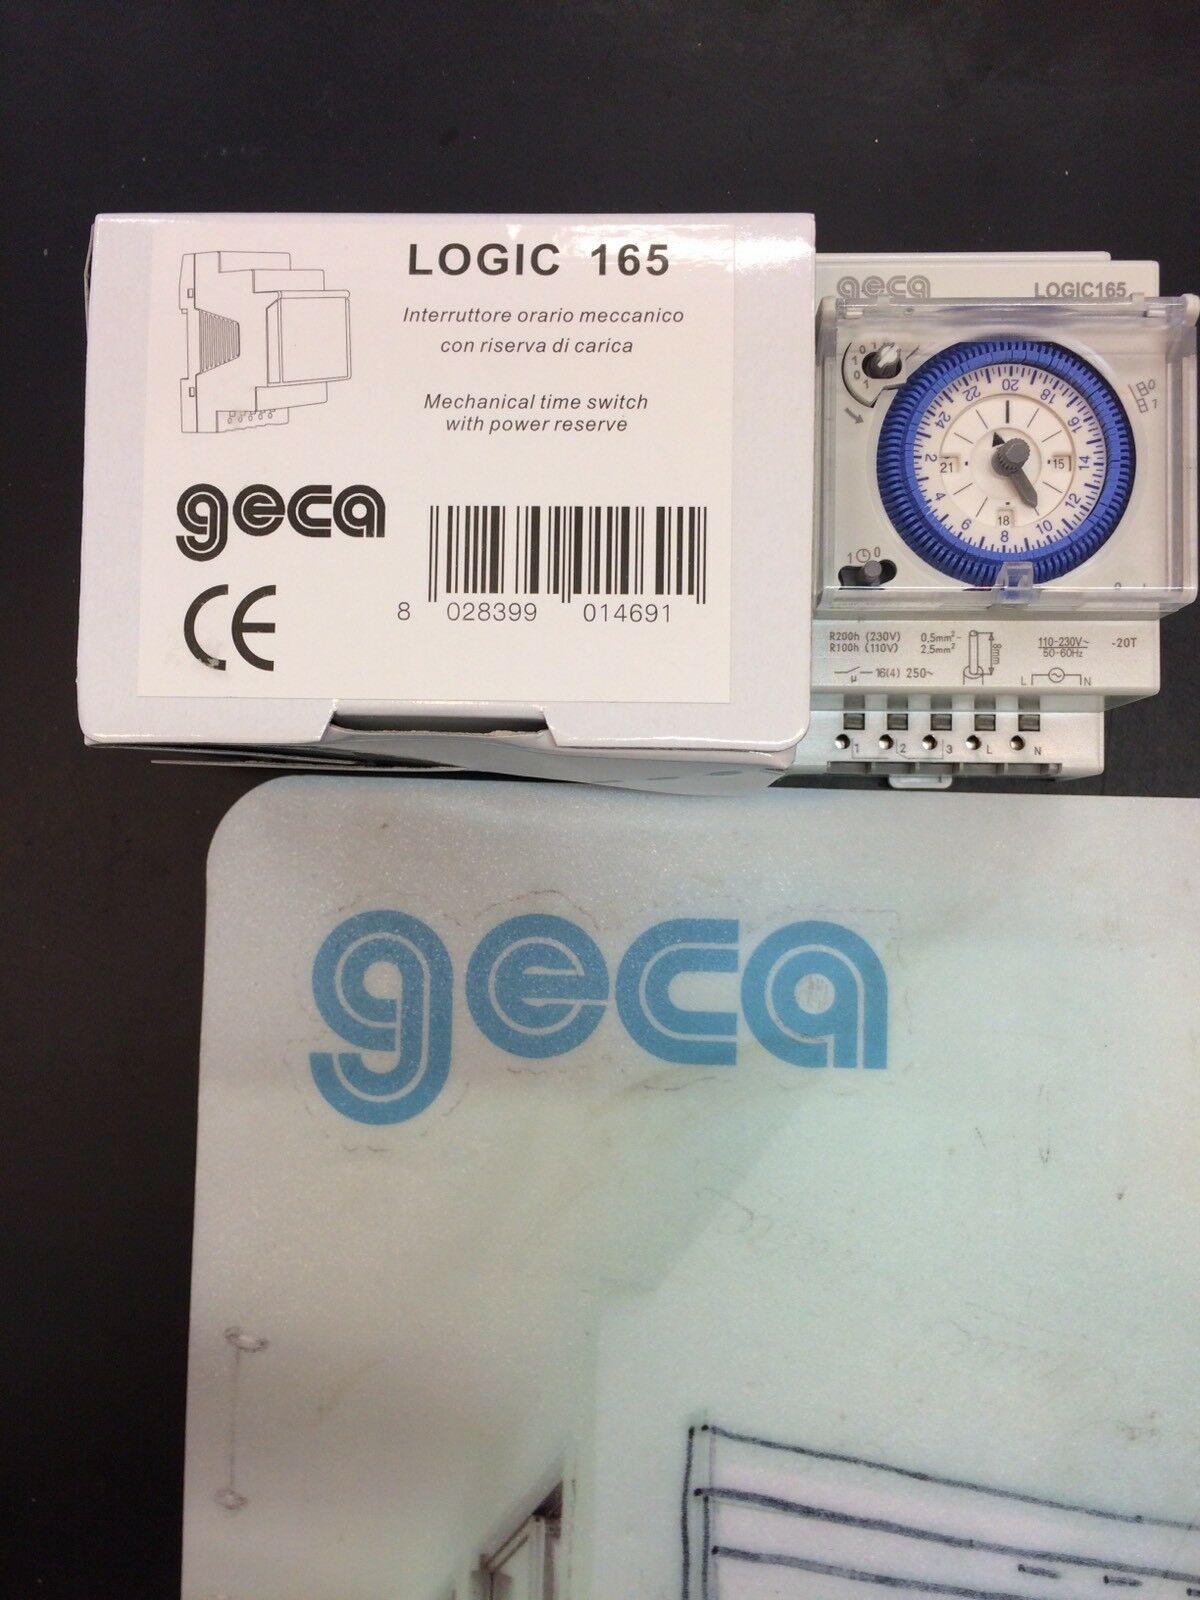 GECA-LOGIC-165-31650363-INTERRUTTORE-MECCANICO-ORARIO-GIORNALIERO-3MOD-132872729357